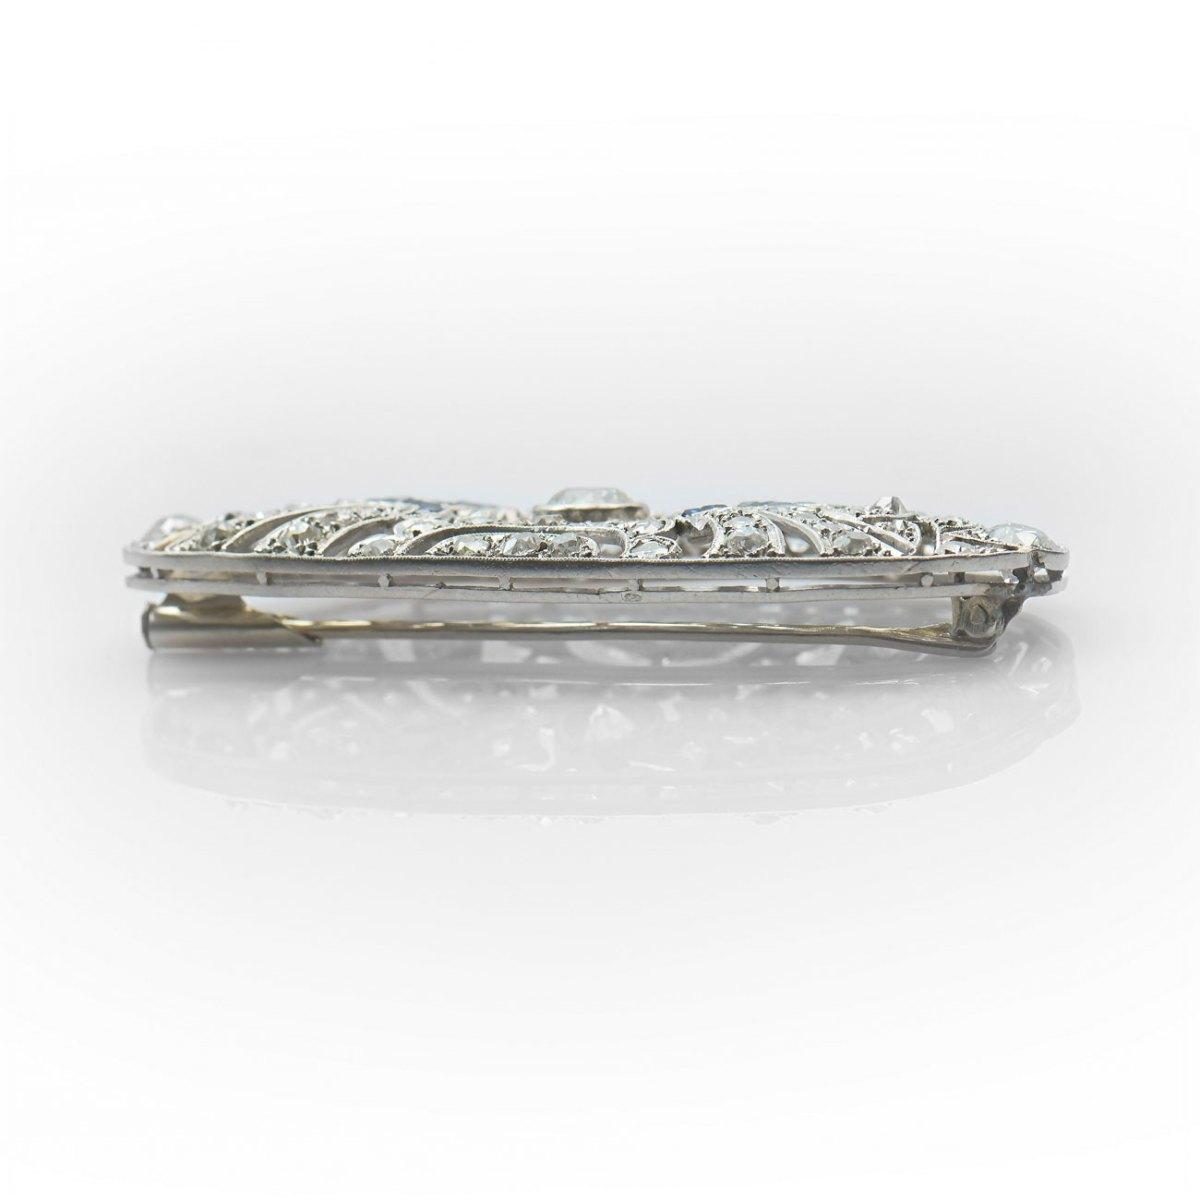 Broche platine diamants et saphirs calibrés, diamants 2,65ct env. saphirs 0,26ct env., platine 950‰ | Réf. BR-B18886 |EVENOR Joaillerie • Bijoux Vintage